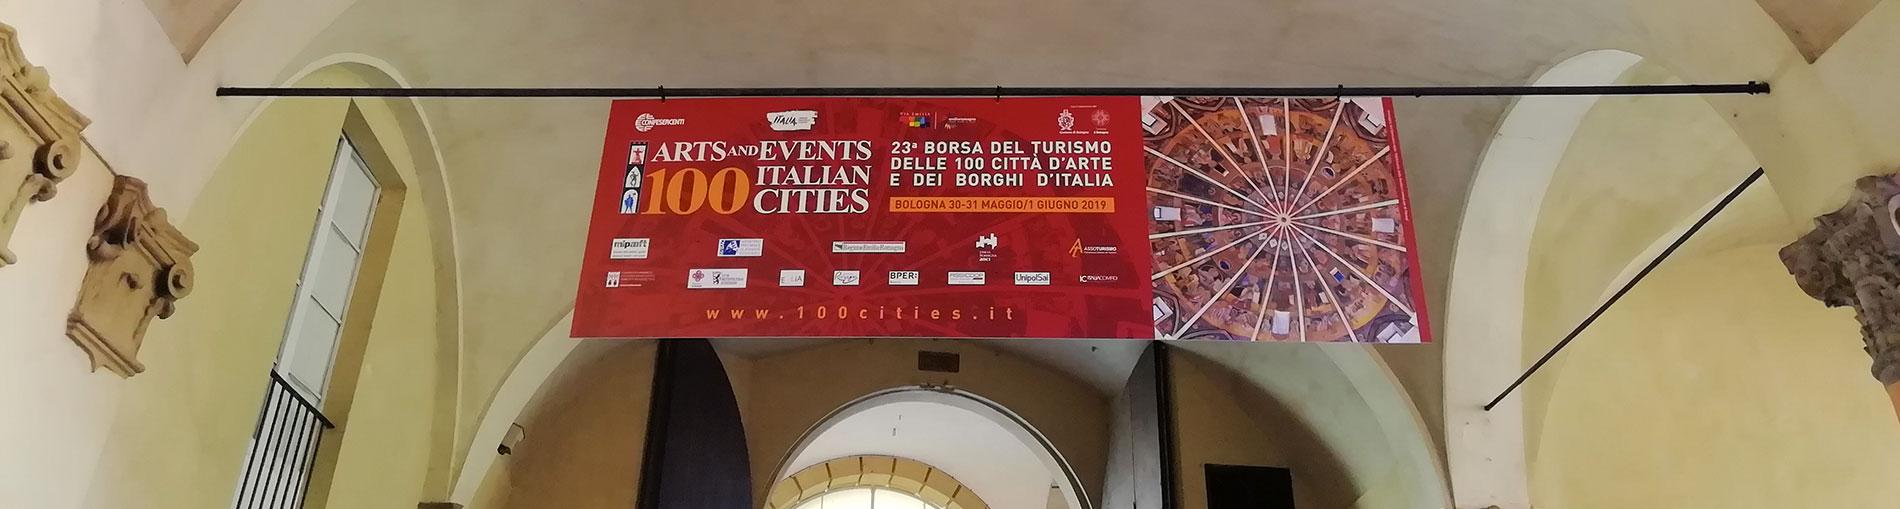 Borsa del Turismo 2020